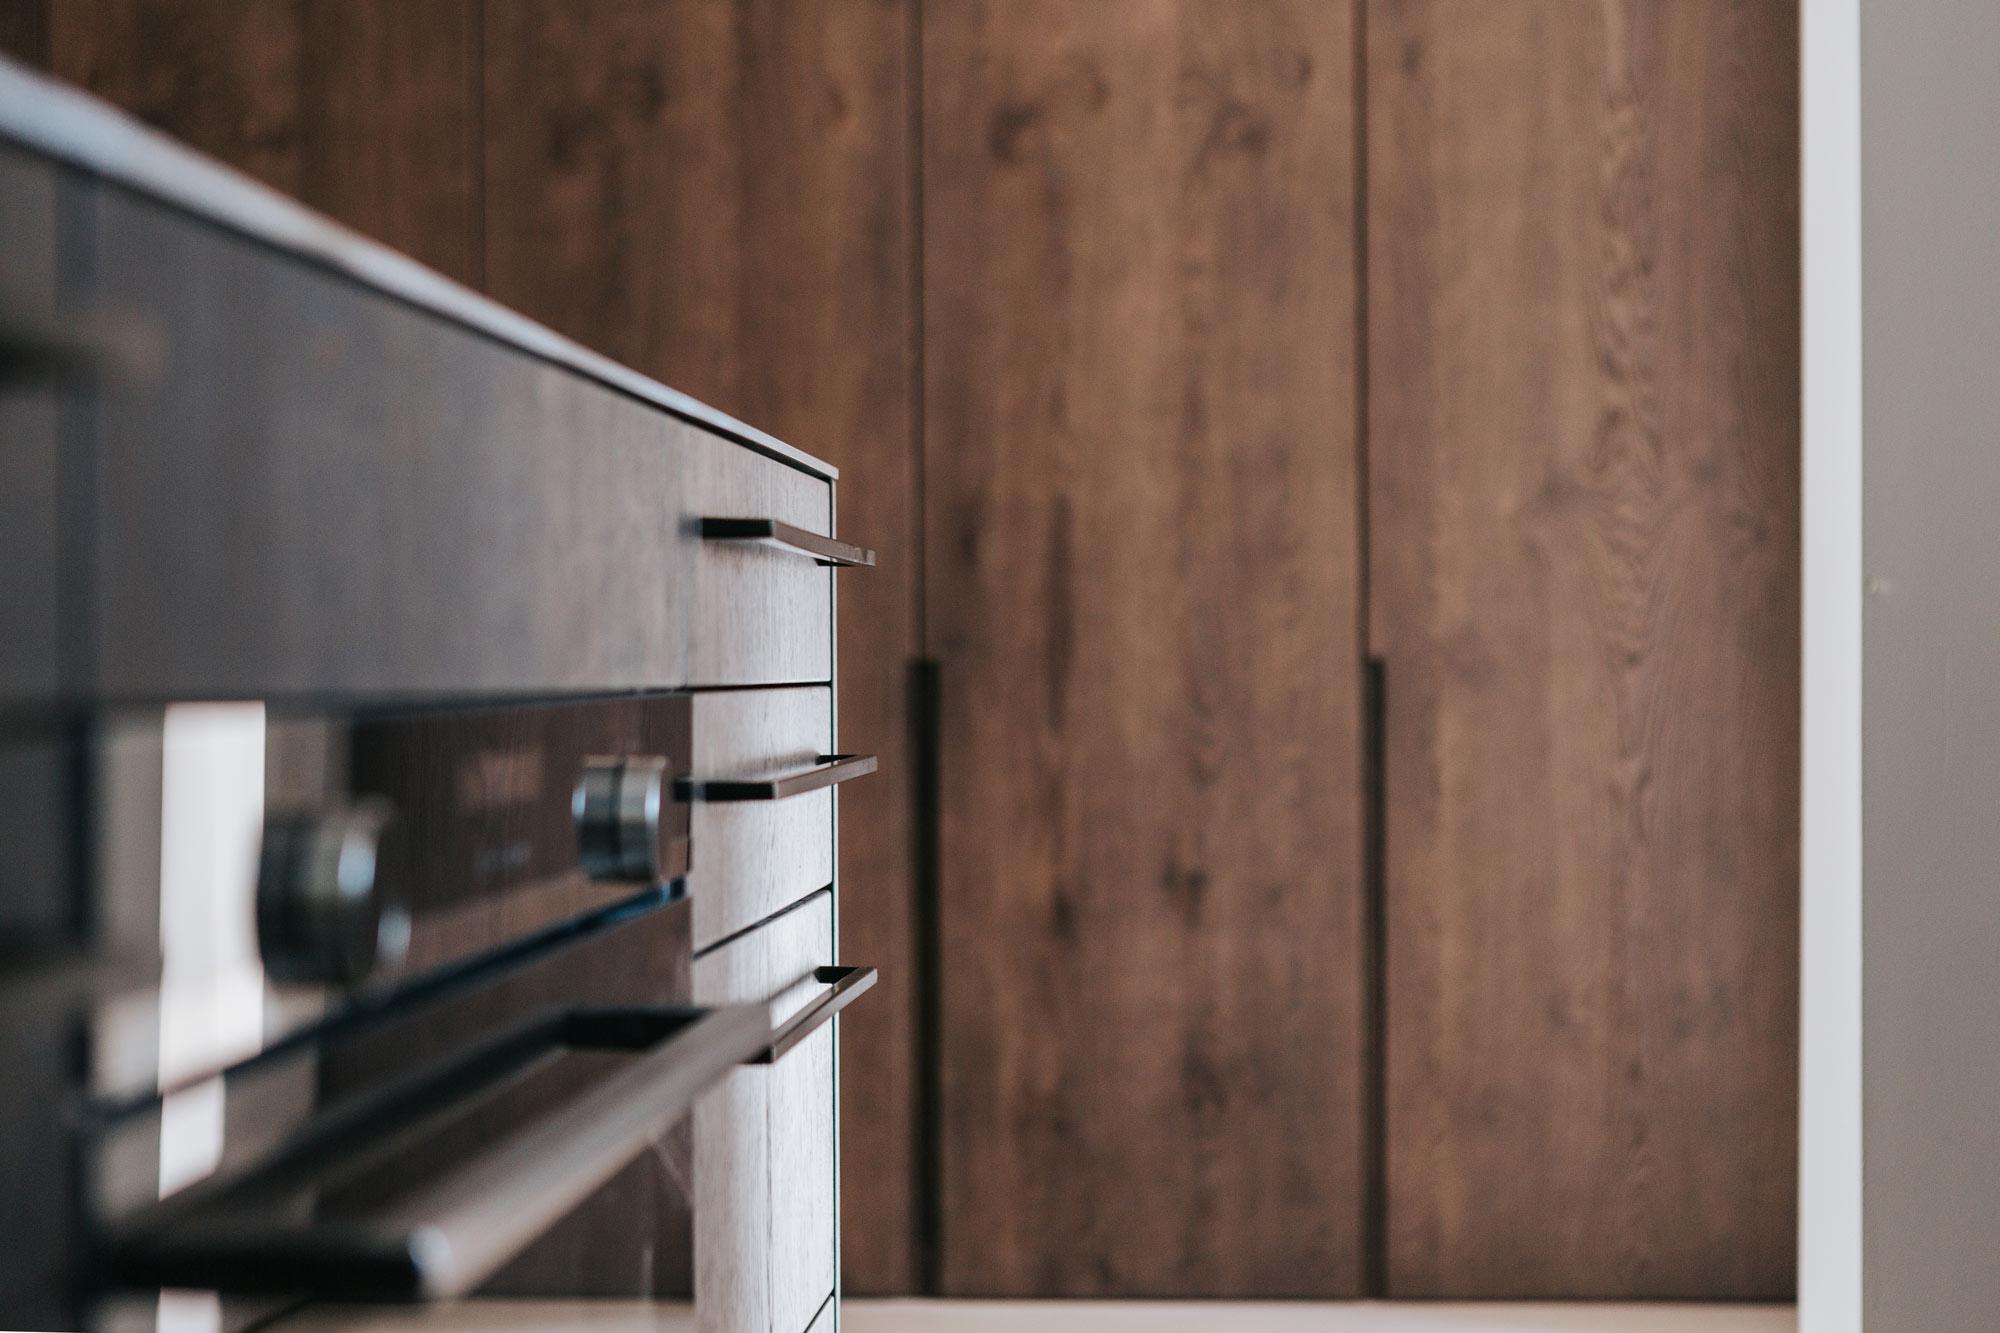 Norzküche, dunkle Eiche gebeitzt, Geräte